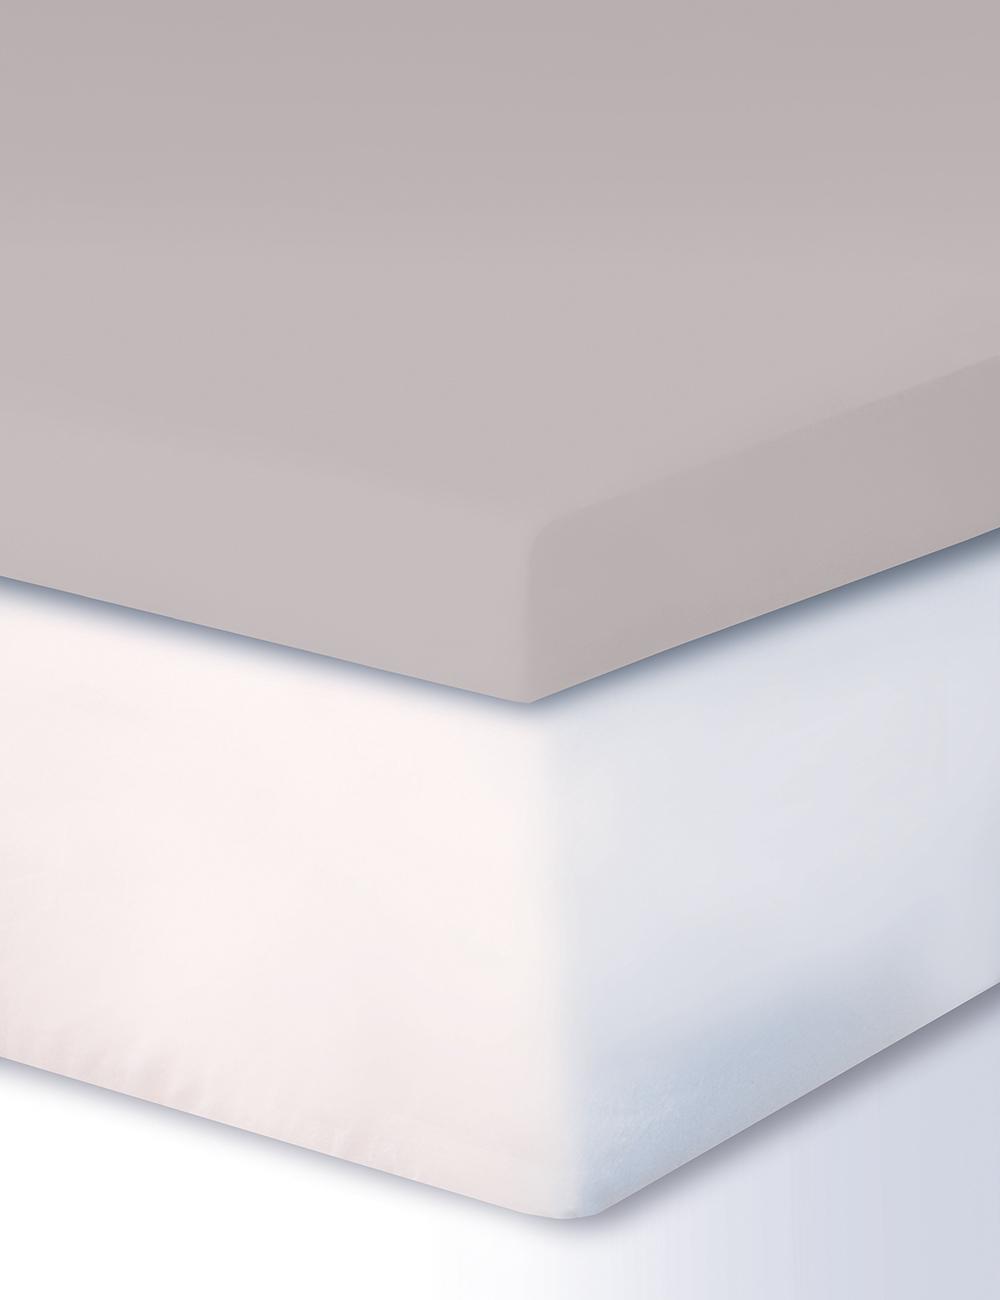 drap housse pour surmatelas boxspring 180 200 x 200 cm gris. Black Bedroom Furniture Sets. Home Design Ideas